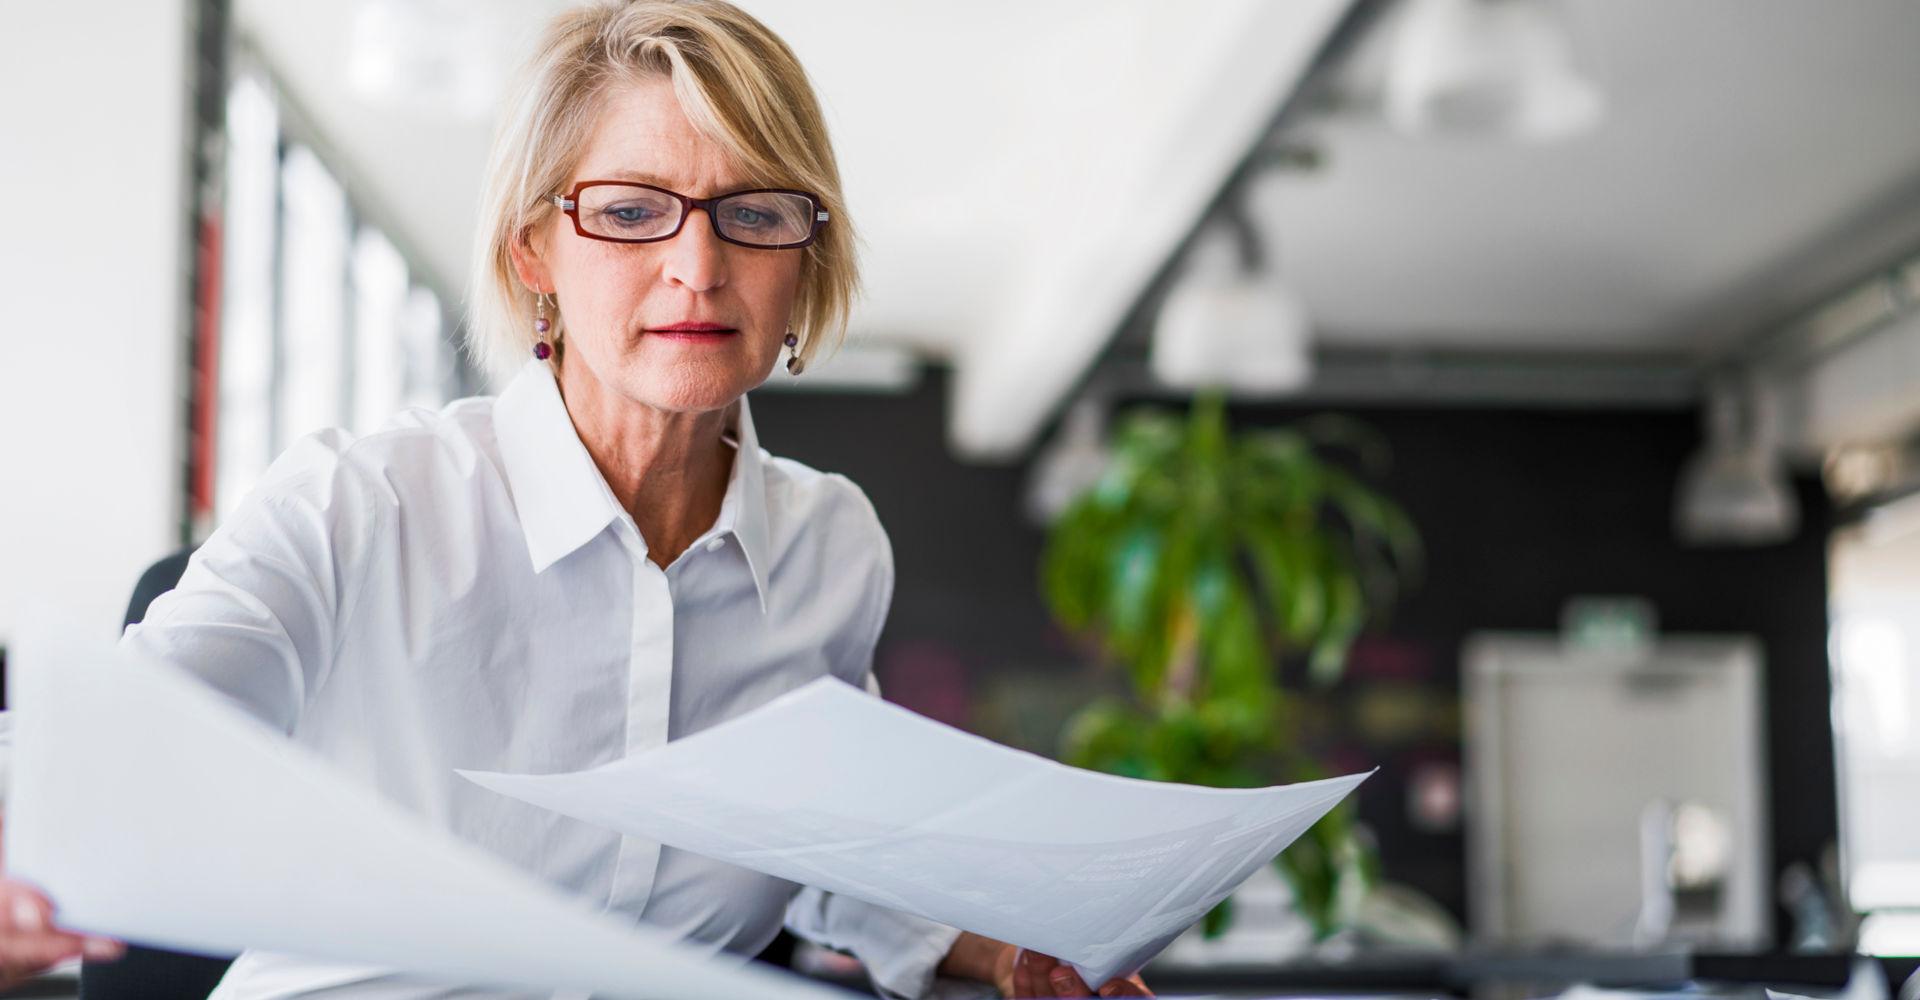 Unternehmerin sitzt über Unterlagen